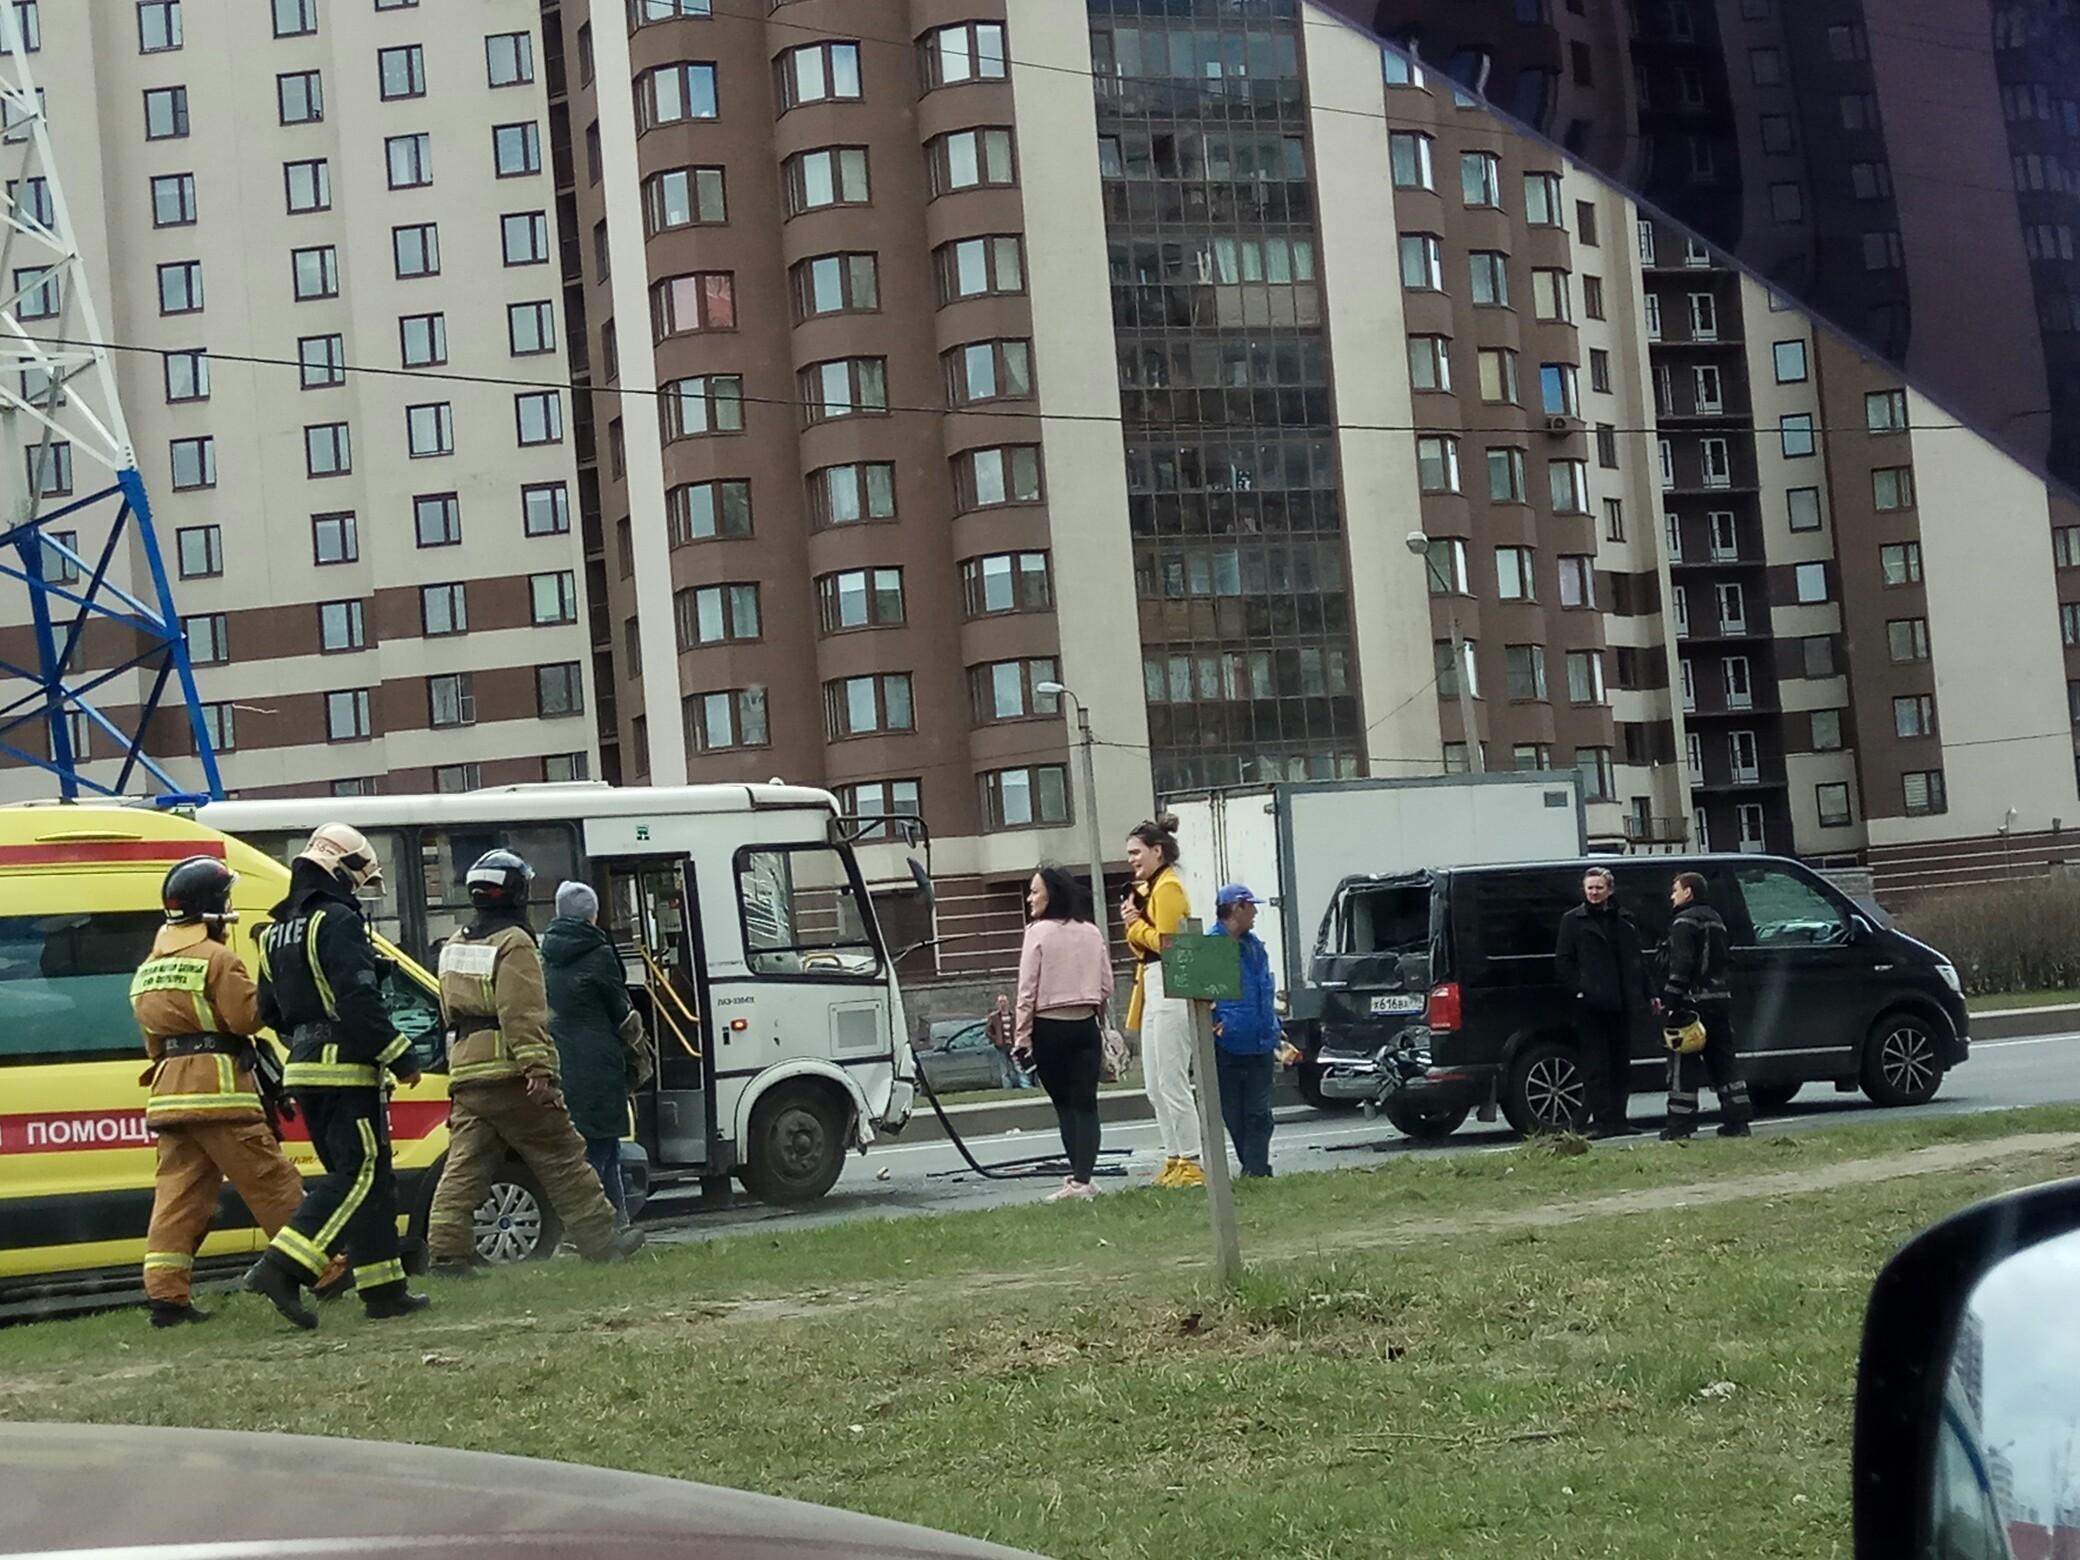 «Похоже, пассажир выпал из окна»: на Дунайском маршрутка влетела в минивэн (Иллюстрация 1 из 1) (Фото: фото с сайта vk.com, группа